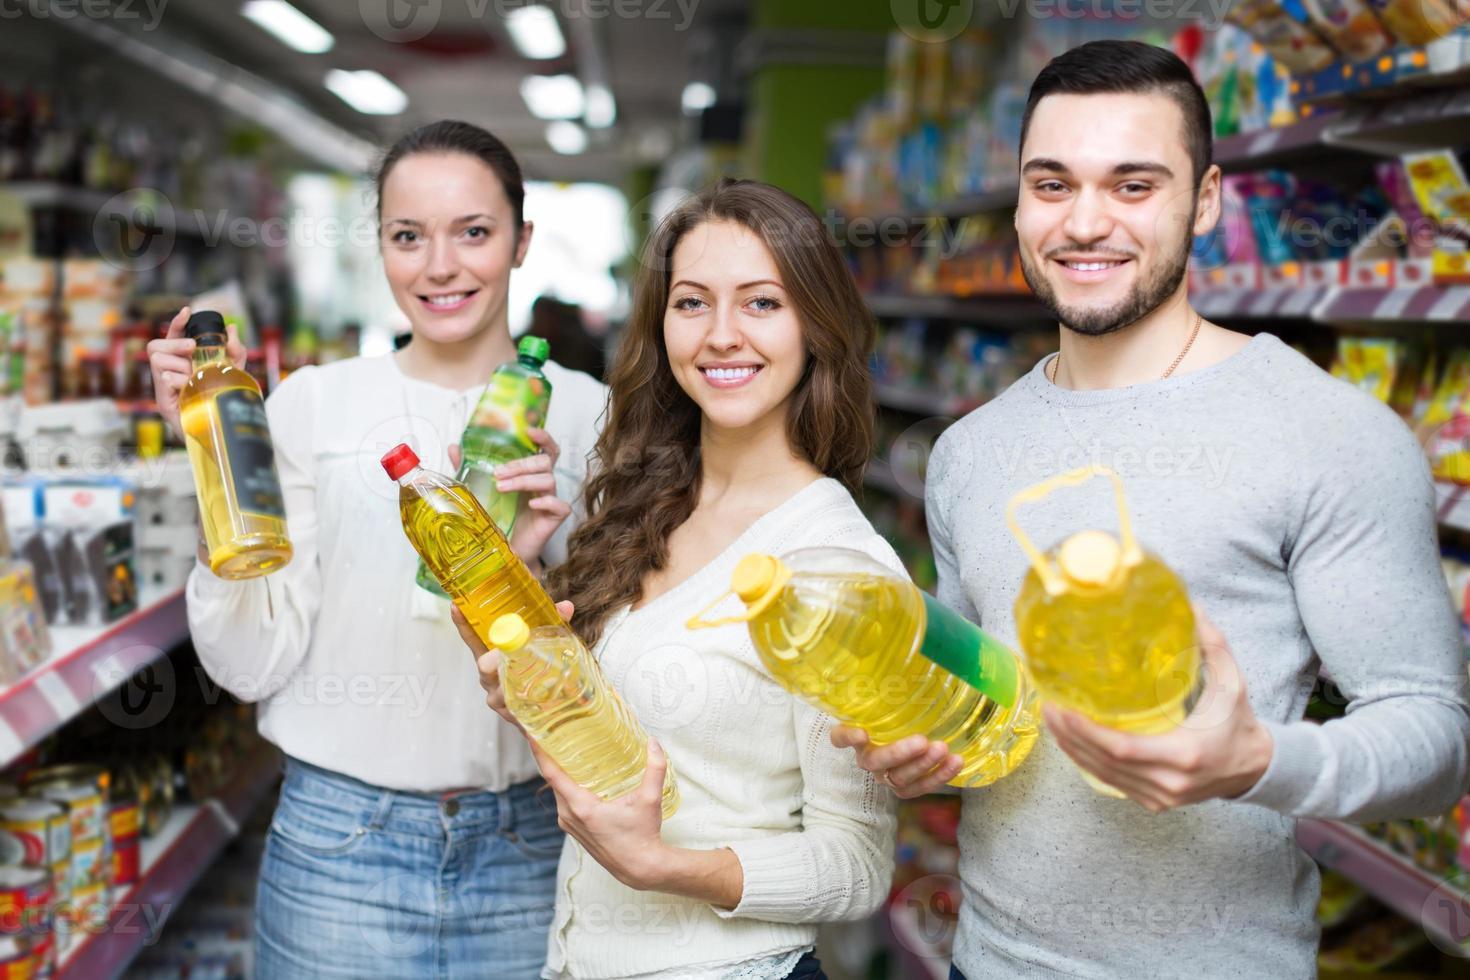 clientes que eligen semillas de aceite en la tienda foto